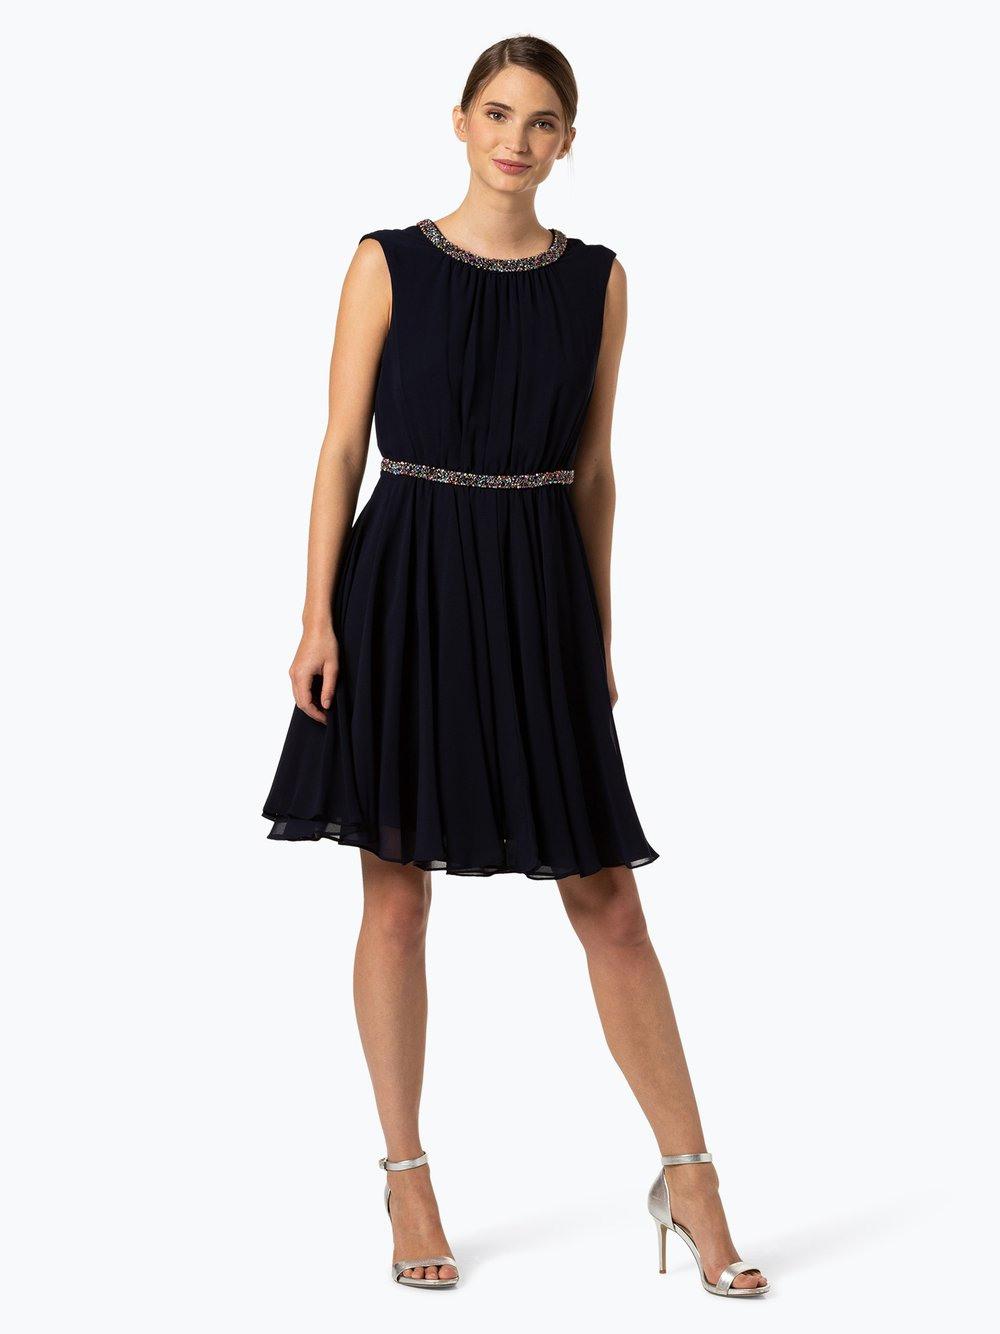 13 Fantastisch Abendkleider Esprit Spezialgebiet20 Einzigartig Abendkleider Esprit Galerie